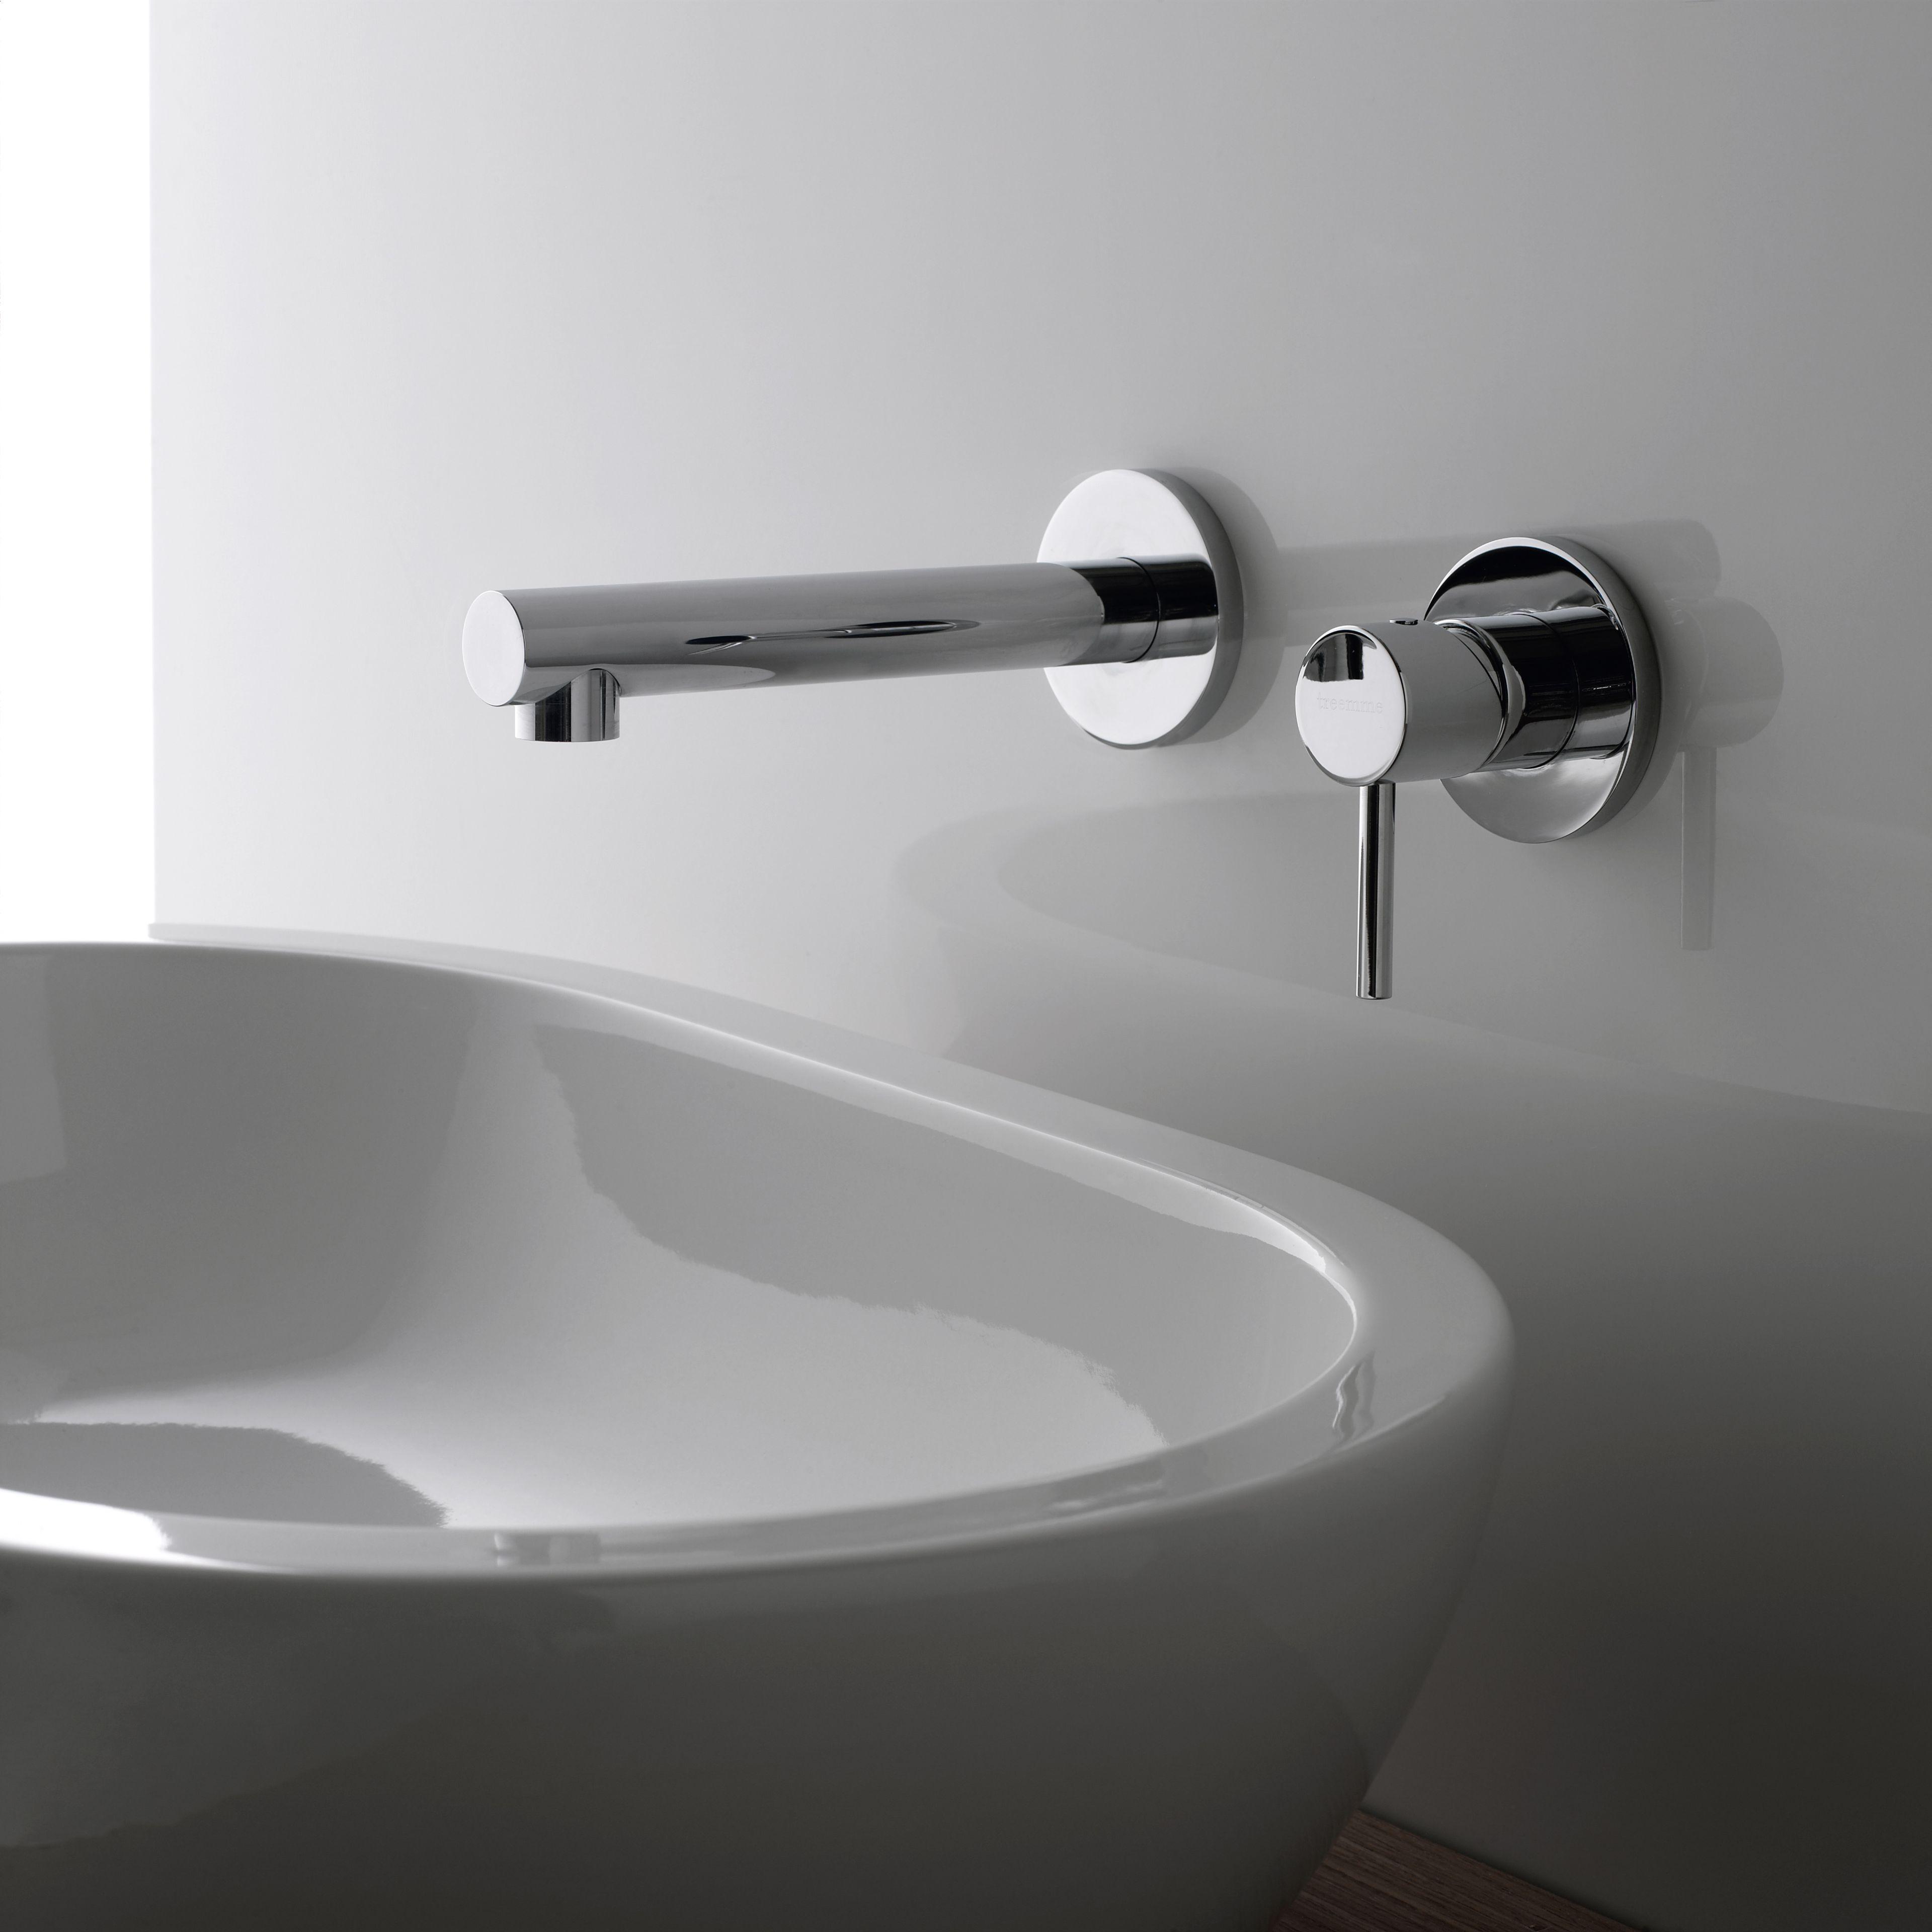 Vela miscelatore per lavabo a muro by rubinetterie 3m - Rubinetto a parete bagno ...